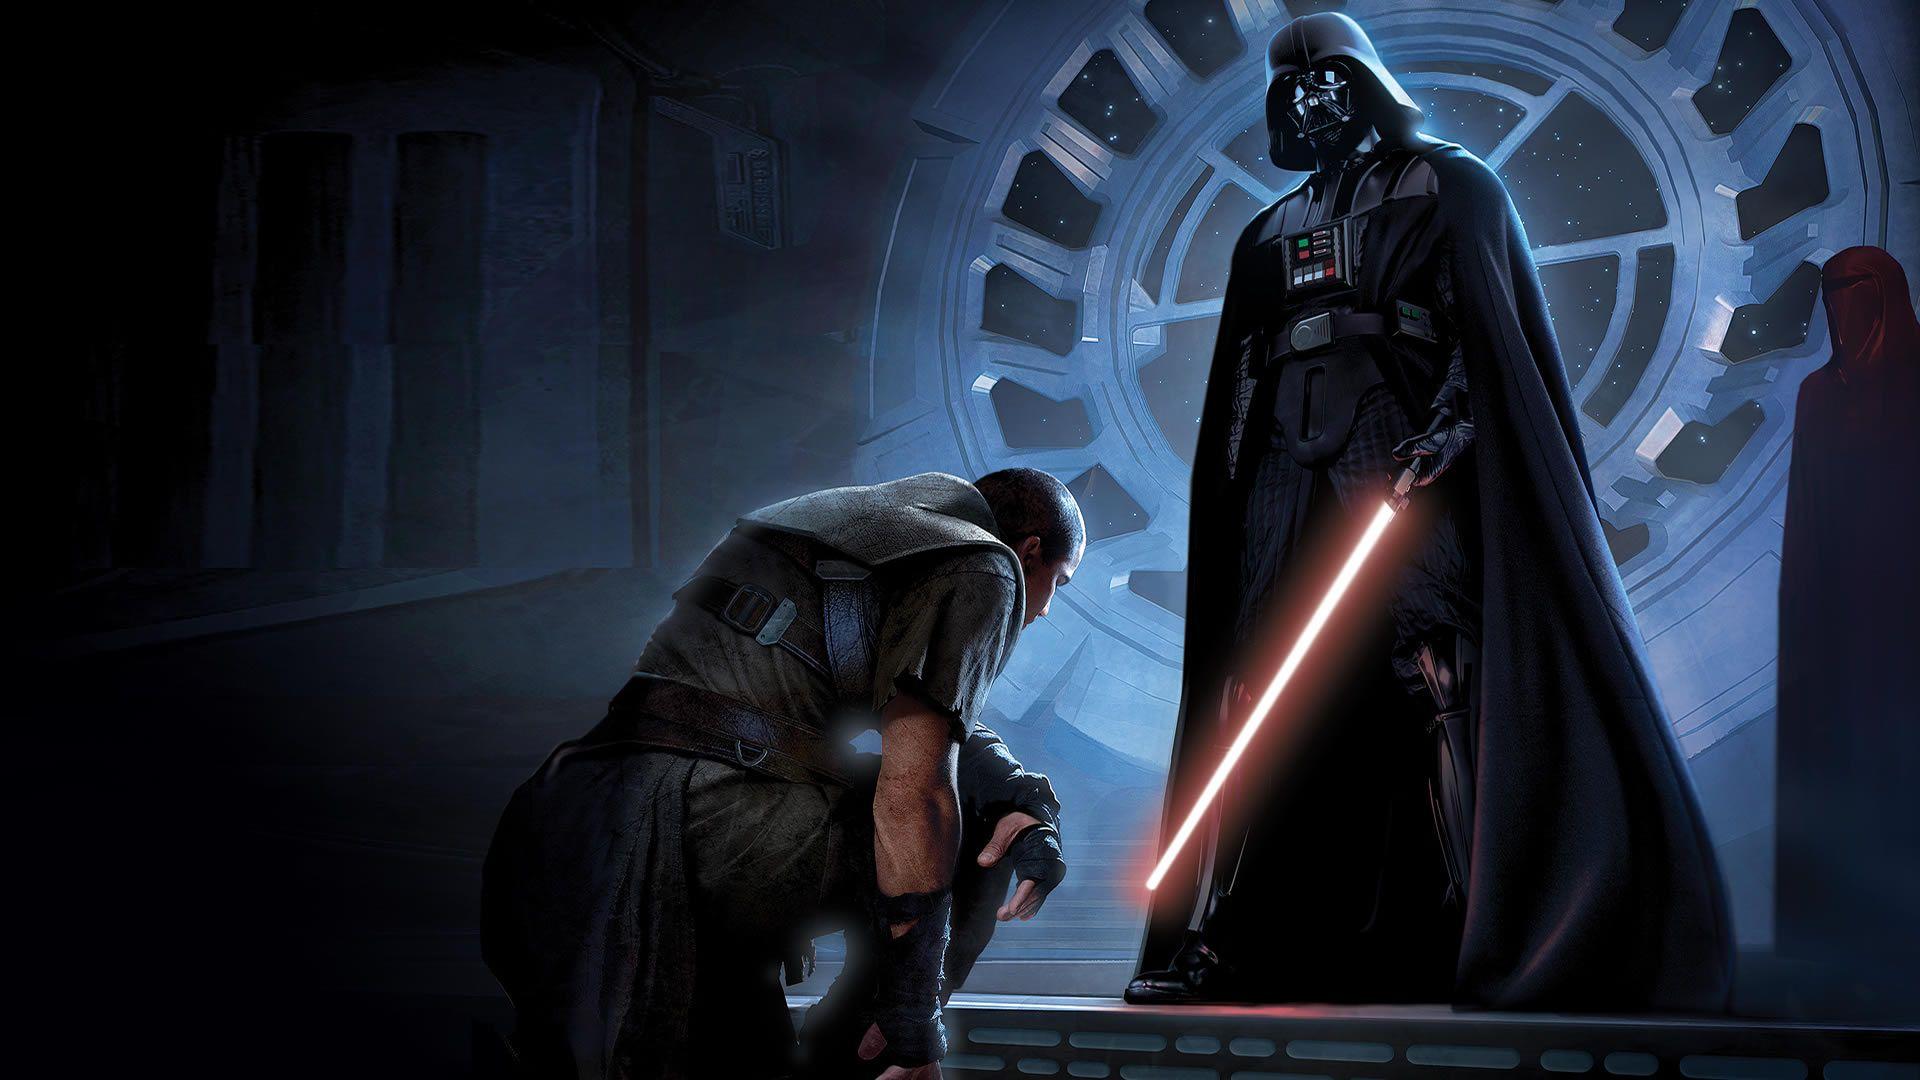 40 Epic Star Wars Wallpapers 3d Digital Paintings Movies Star Wars Wallpaper Star Wars Fan Art Darth Vader